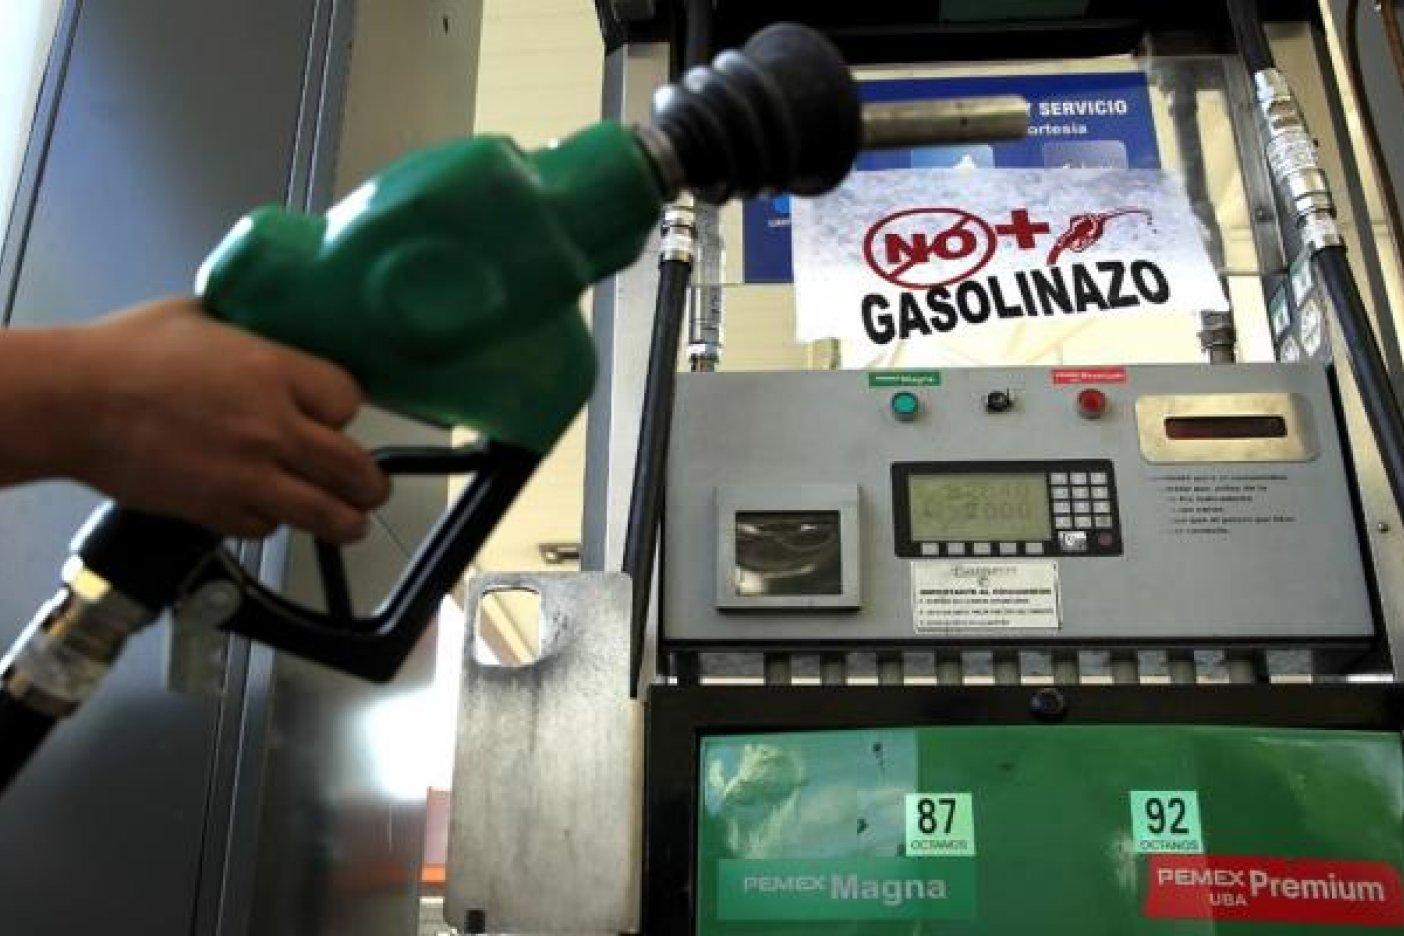 Prevén Magna en $20 por litro para 2018